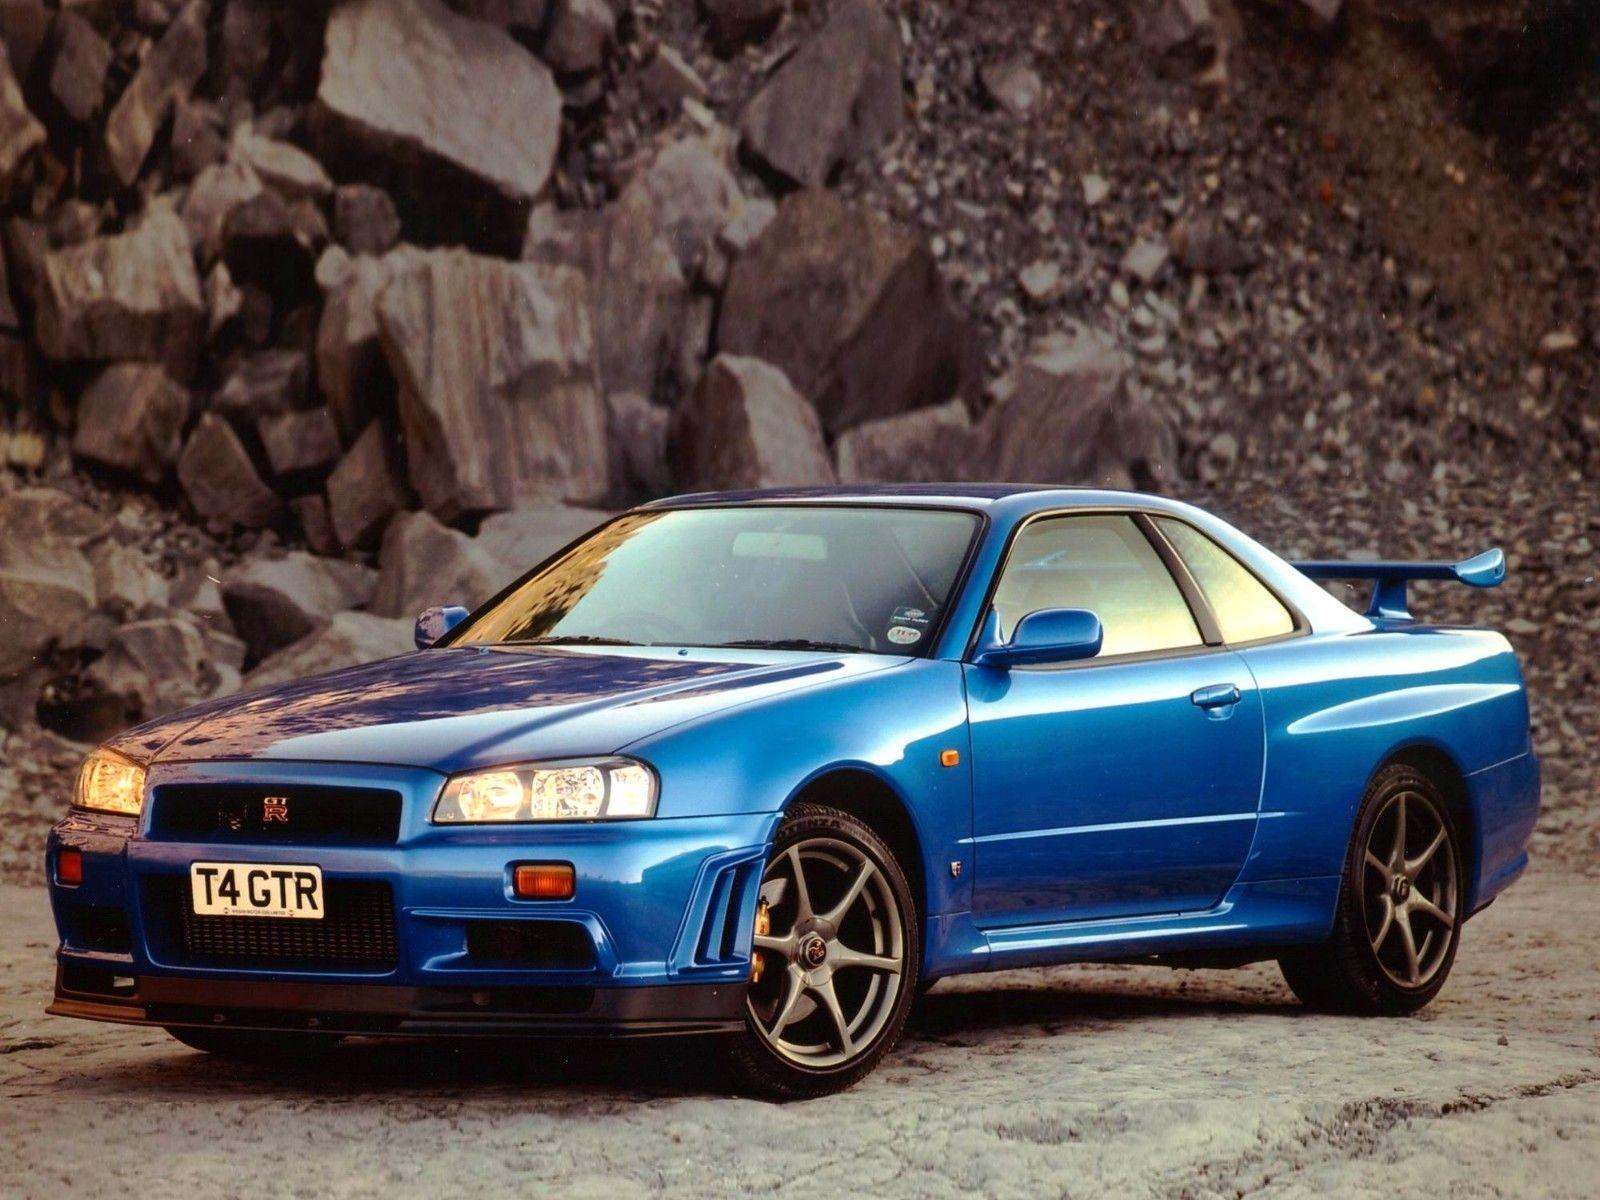 Cars vehicles blue cars Nissan Skyline GT-R Nissan Skyline R34 ...